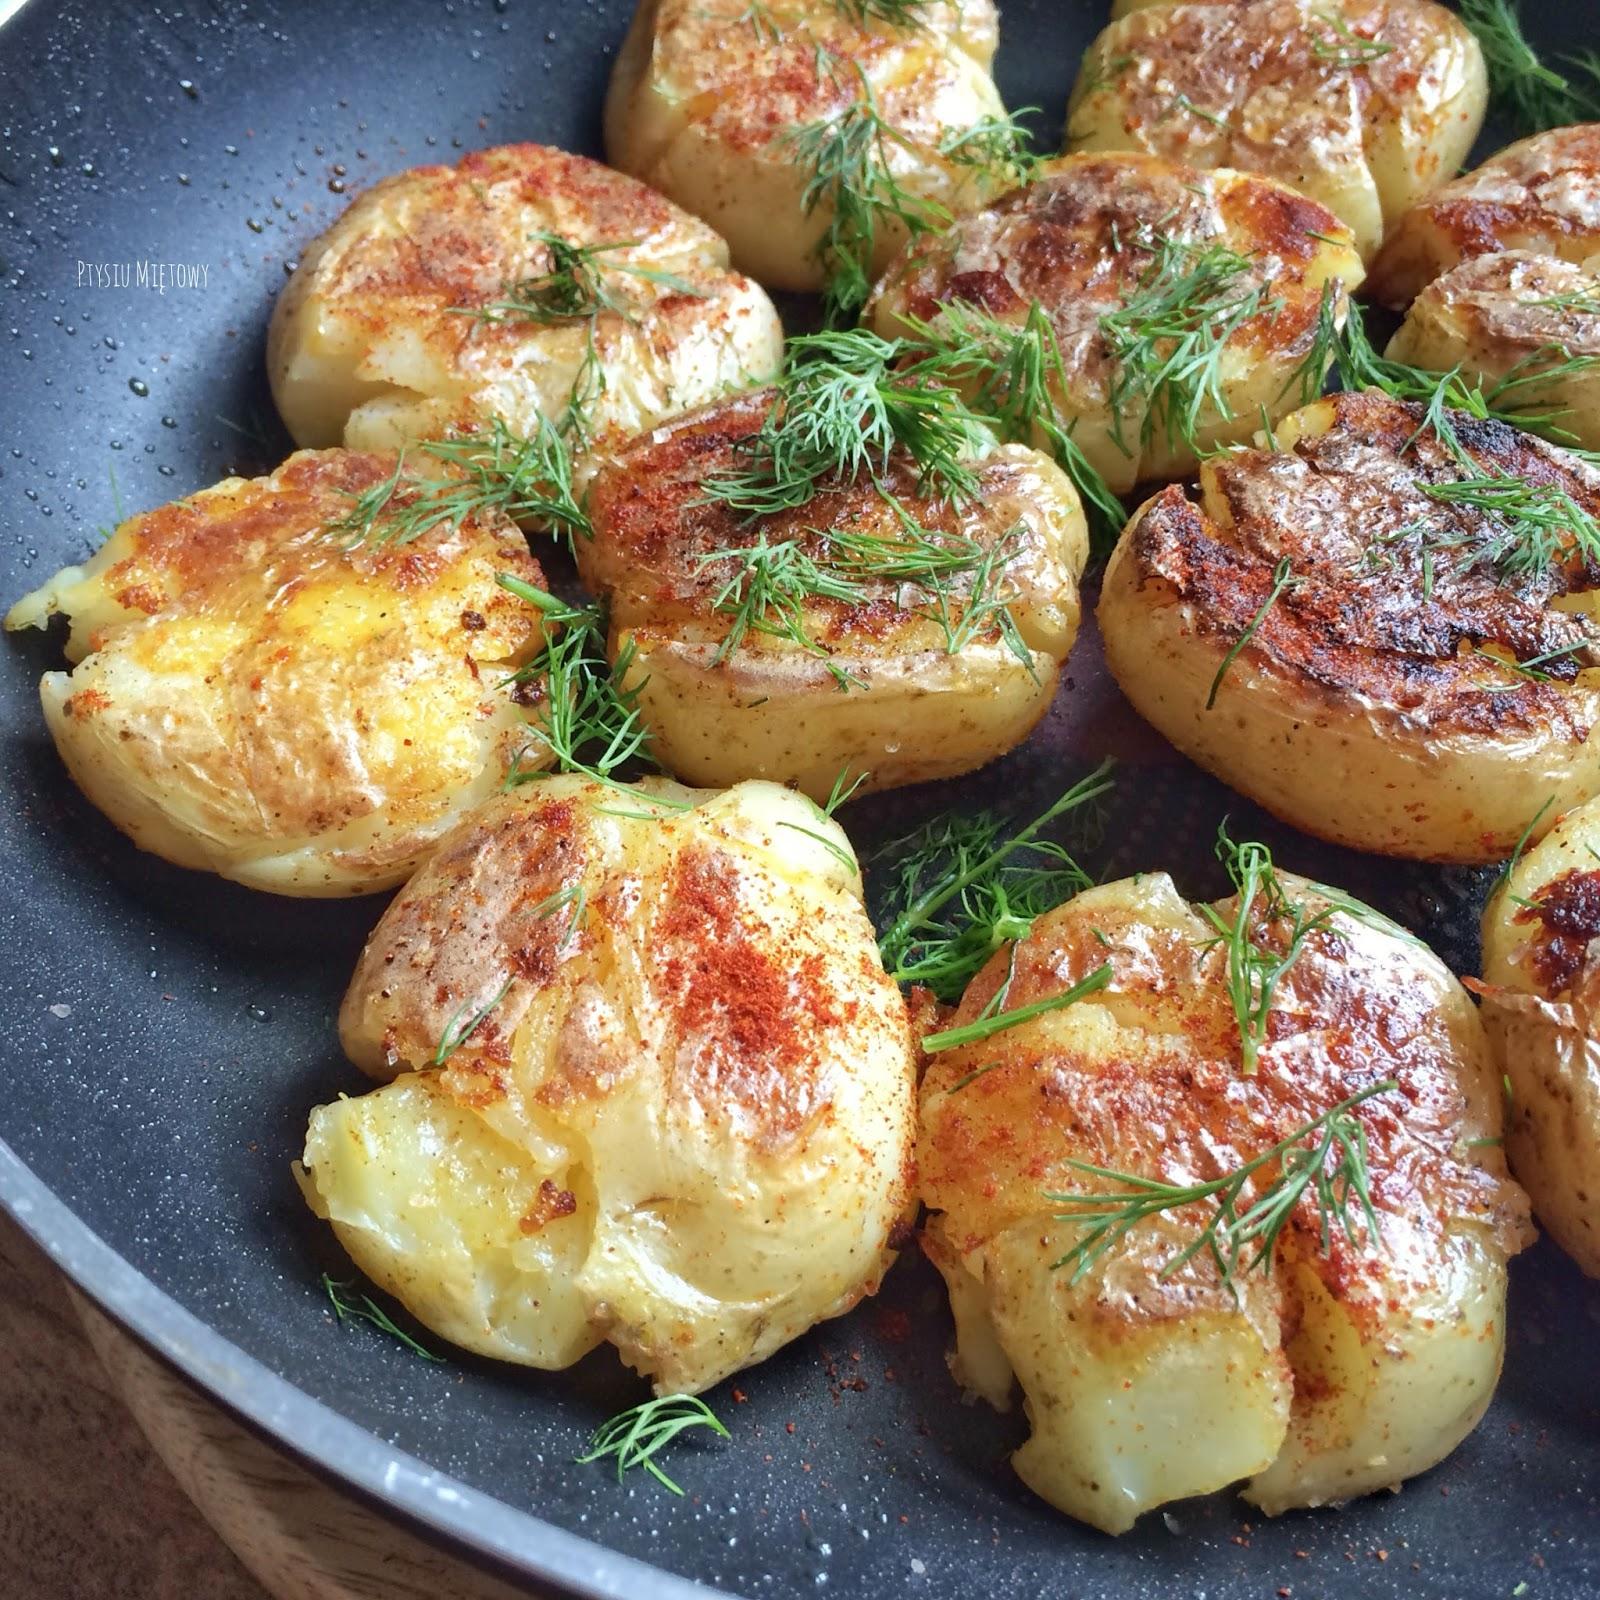 ziemniaki, ptysiu mietowy